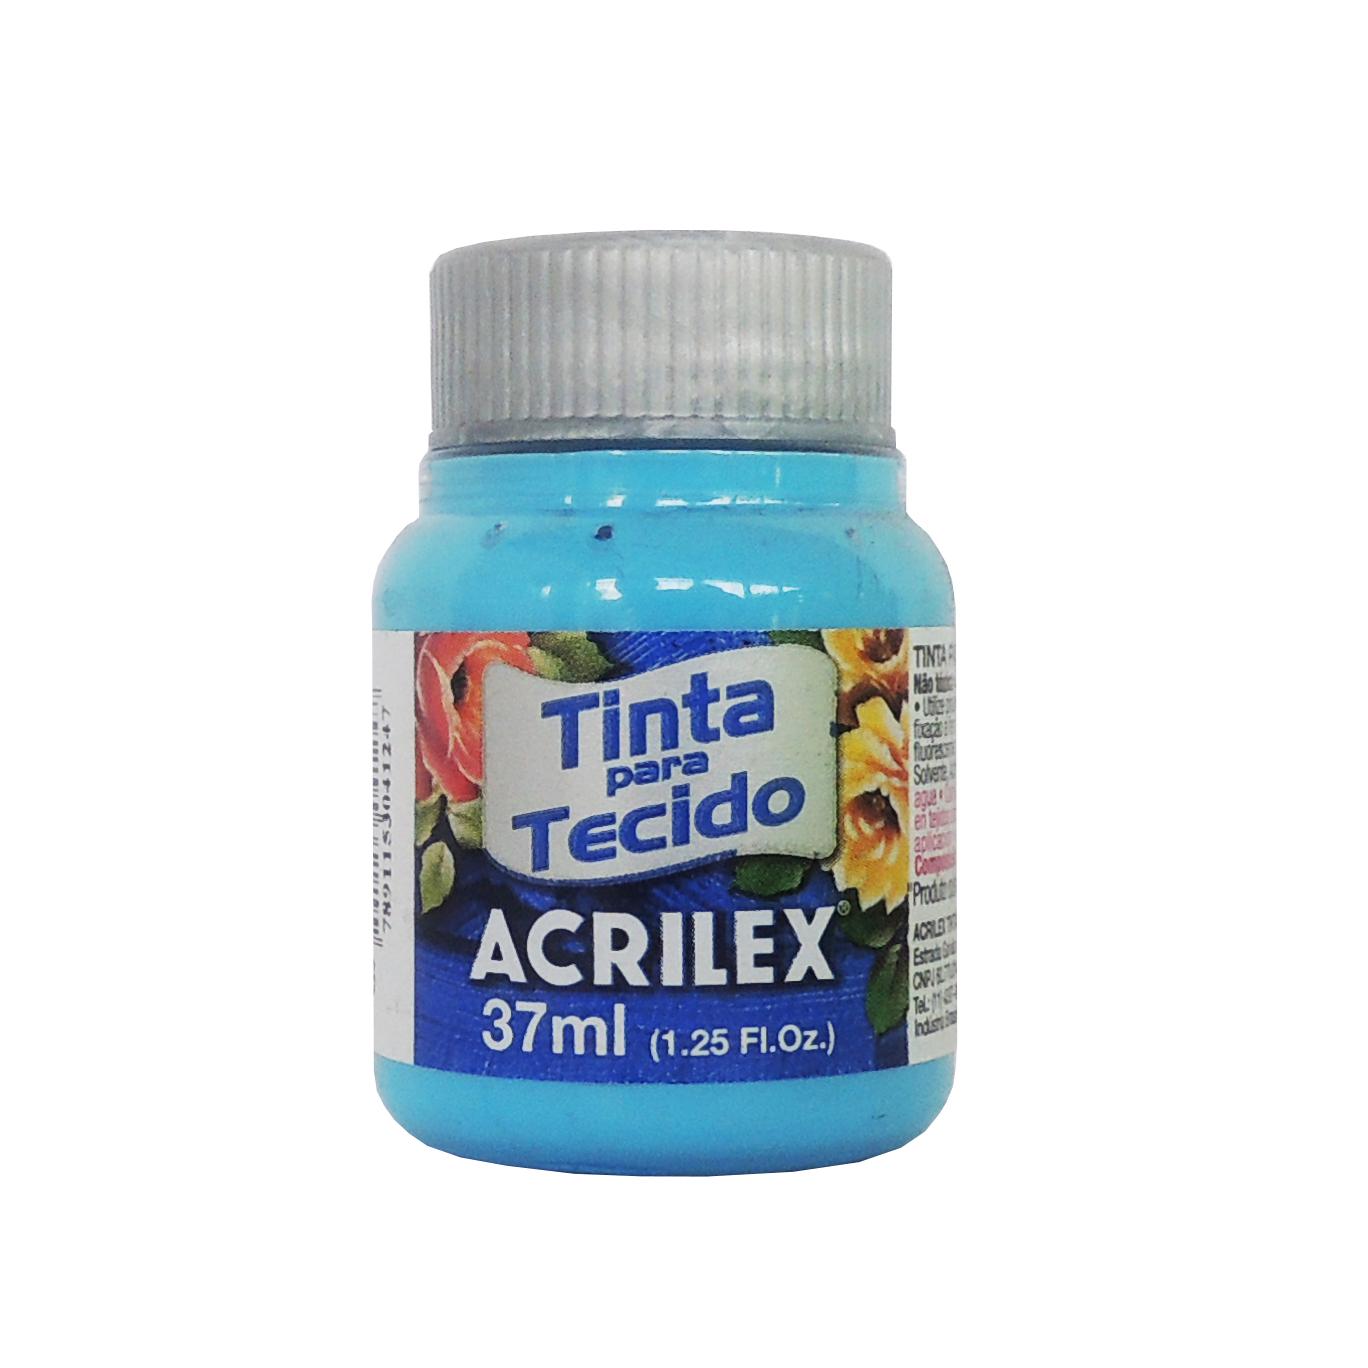 tinta-para-tecido-acrilex-37ml-503-azul-celeste